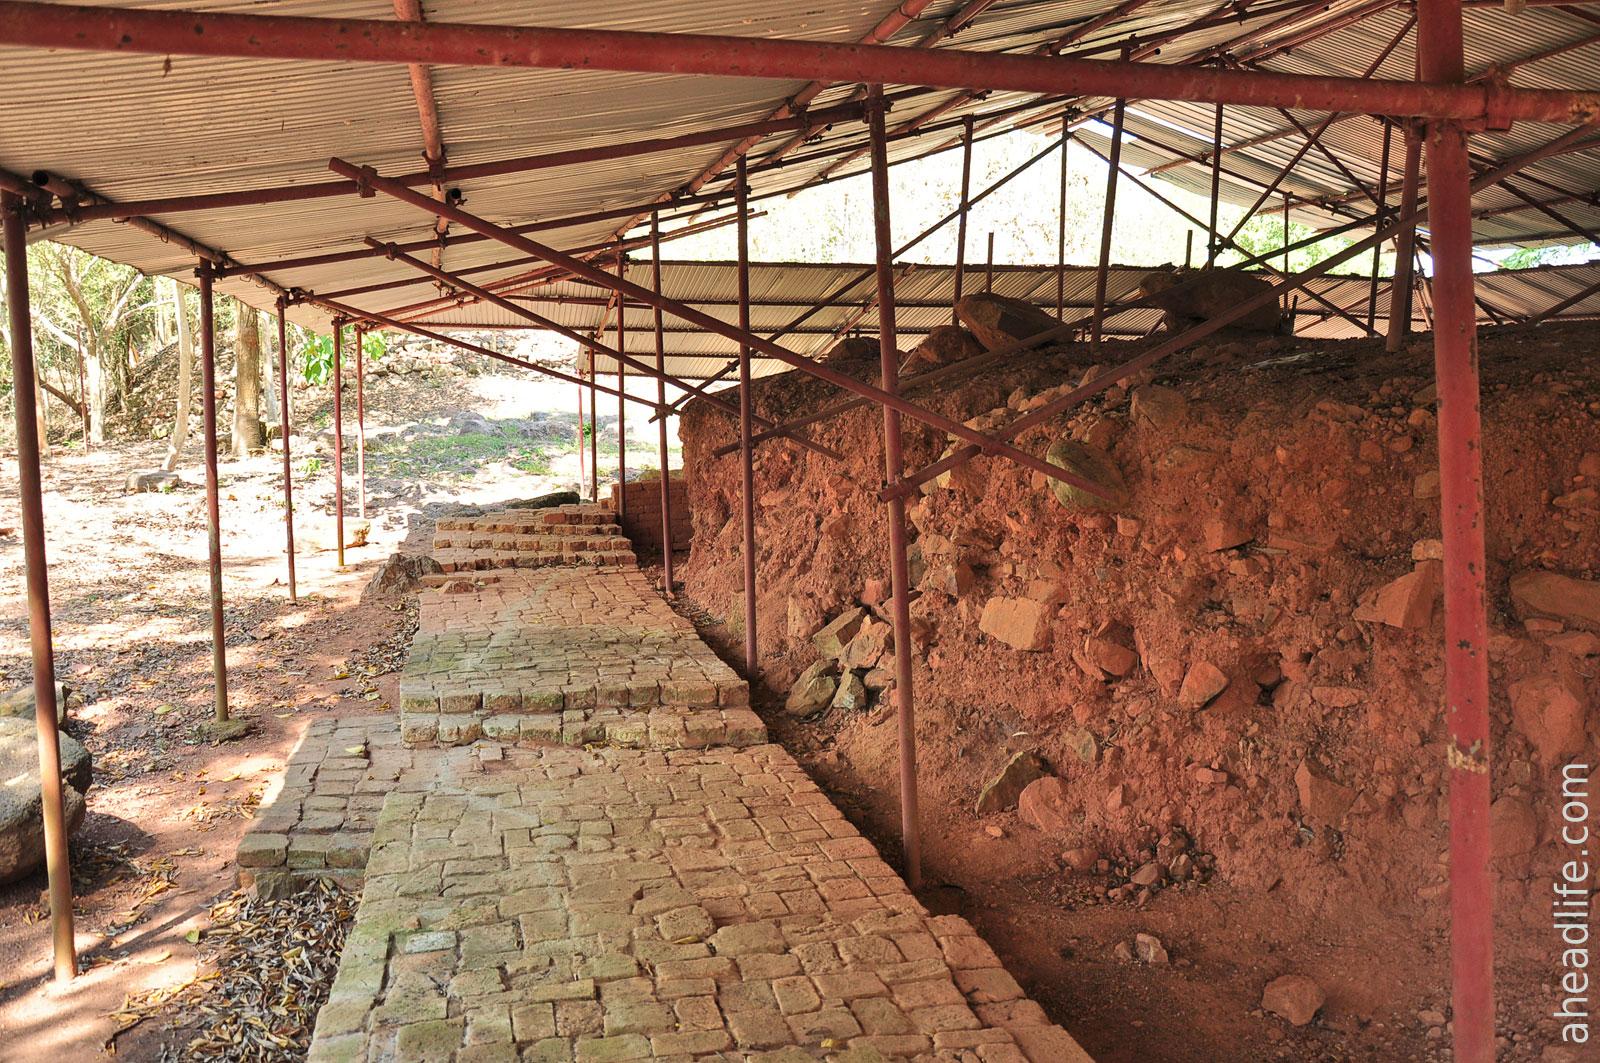 Раскопки и реконструкция на Холме Шри Виджаи